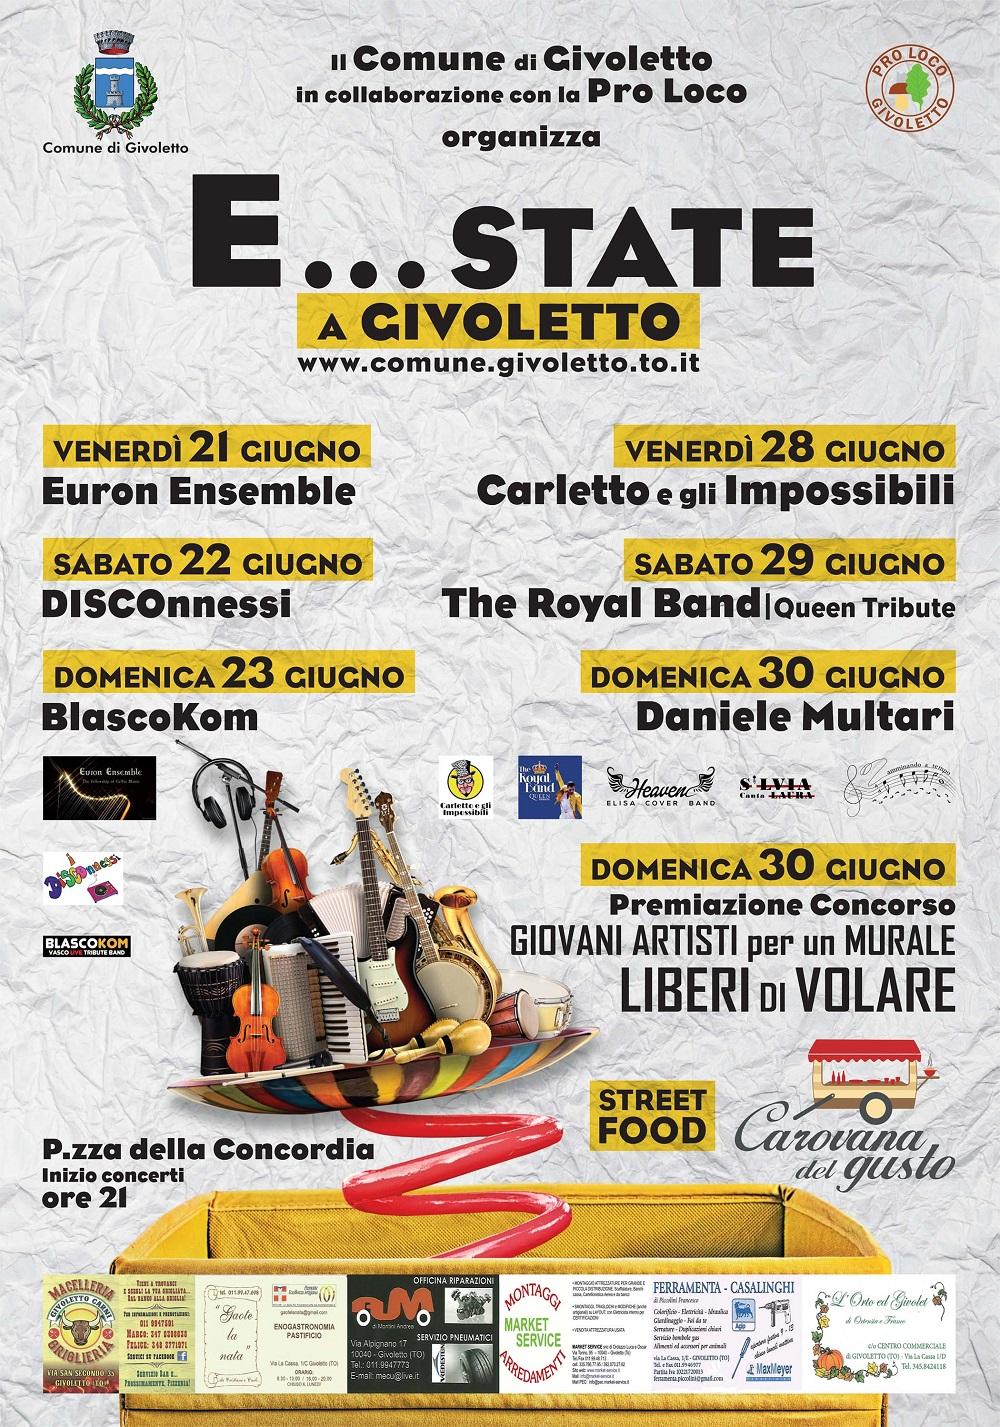 Givoletto_e-state